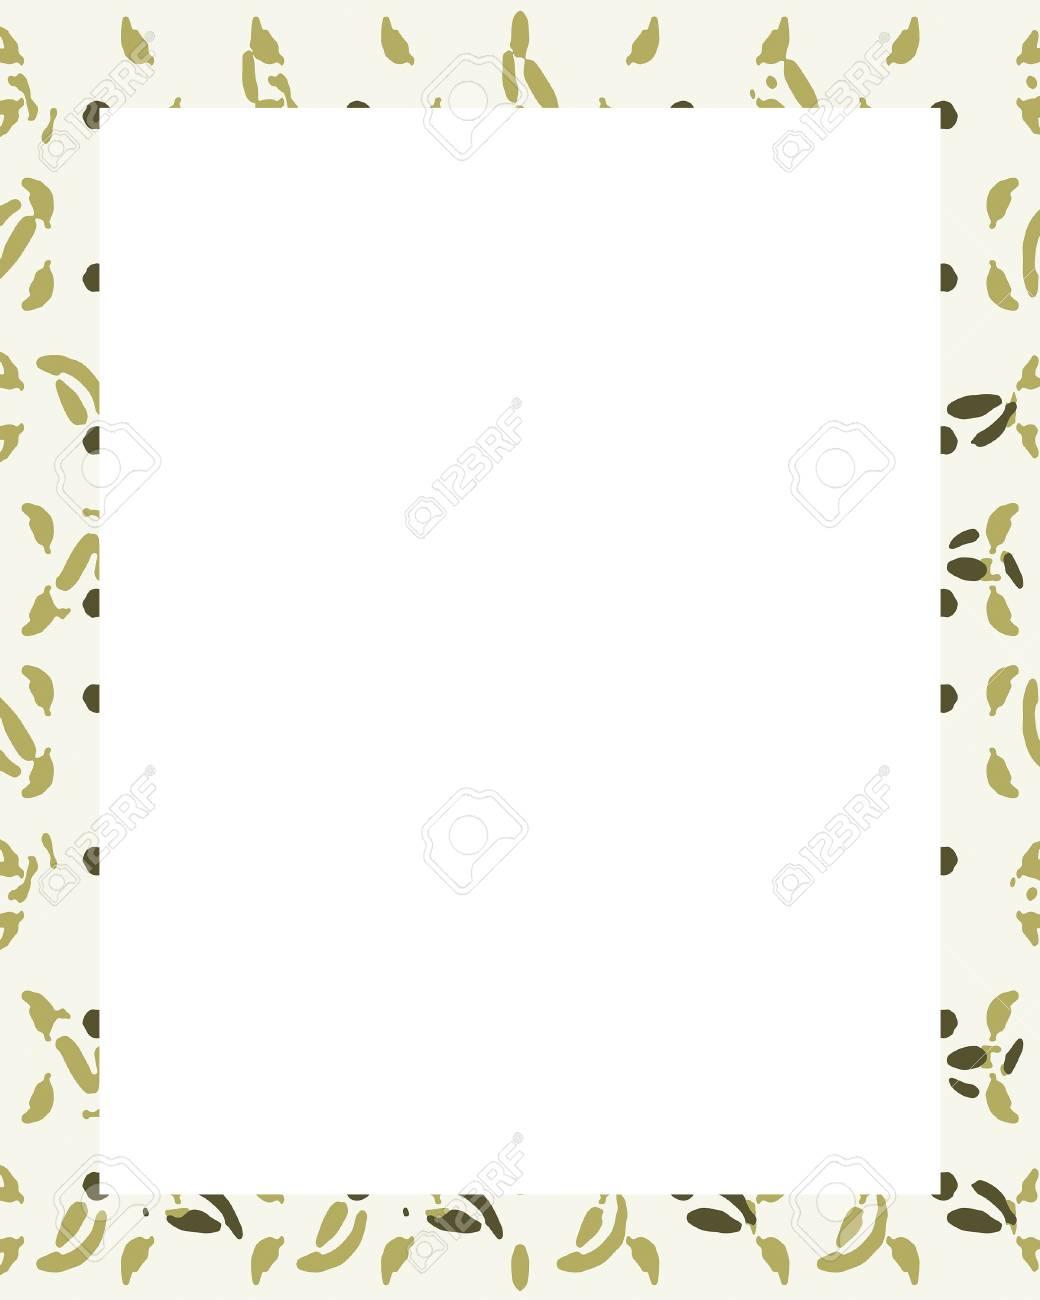 Fondo Del Marco Del Diseño Blanco Con Bordes Decorados. Fotos ...